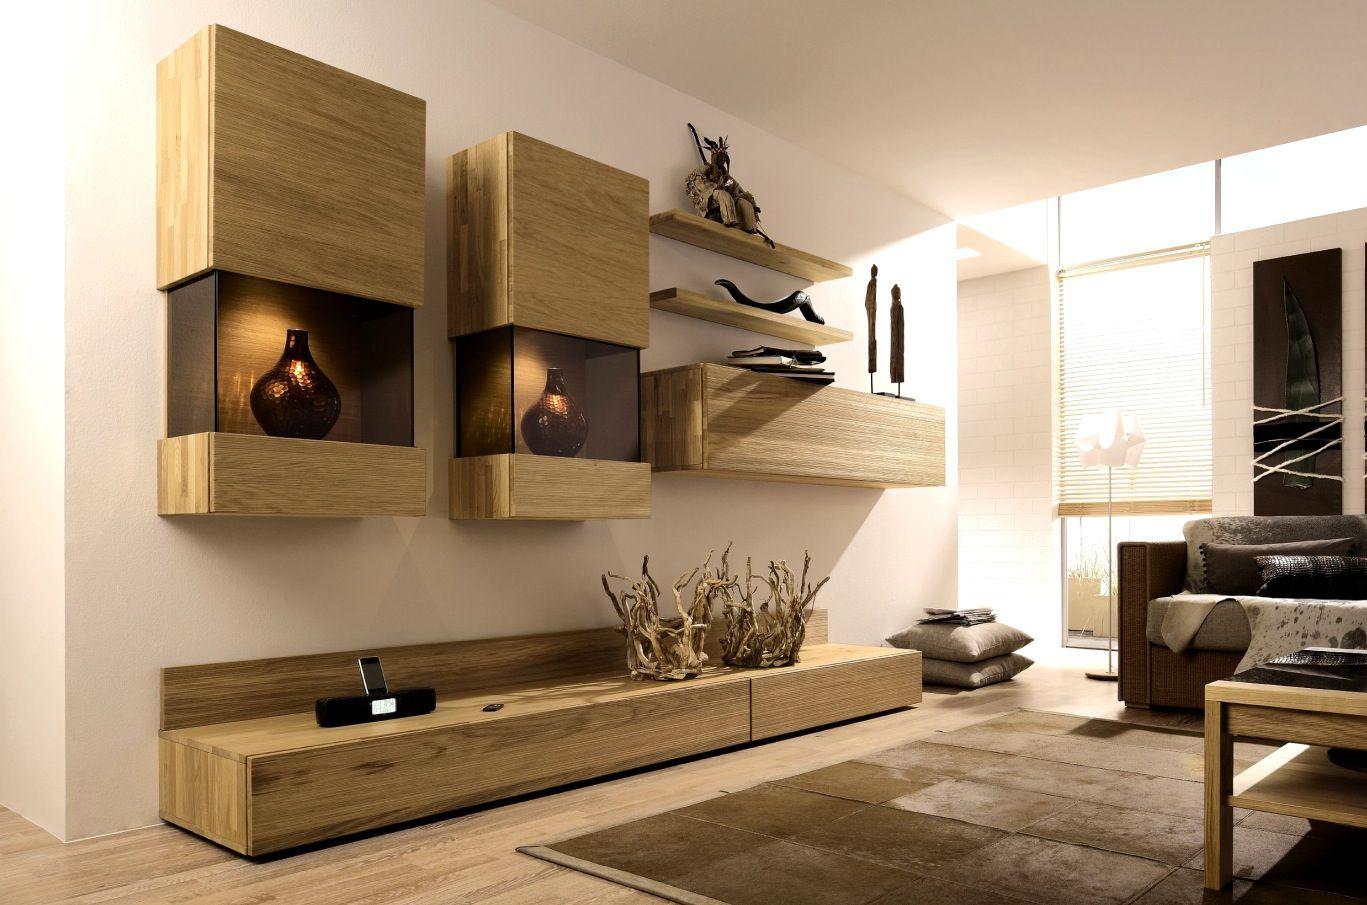 Gut Wohnzimmer Lagerung: Holen Sie Sich Ihr Wohnzimmer Aussehen Eleganter    Wohndesign